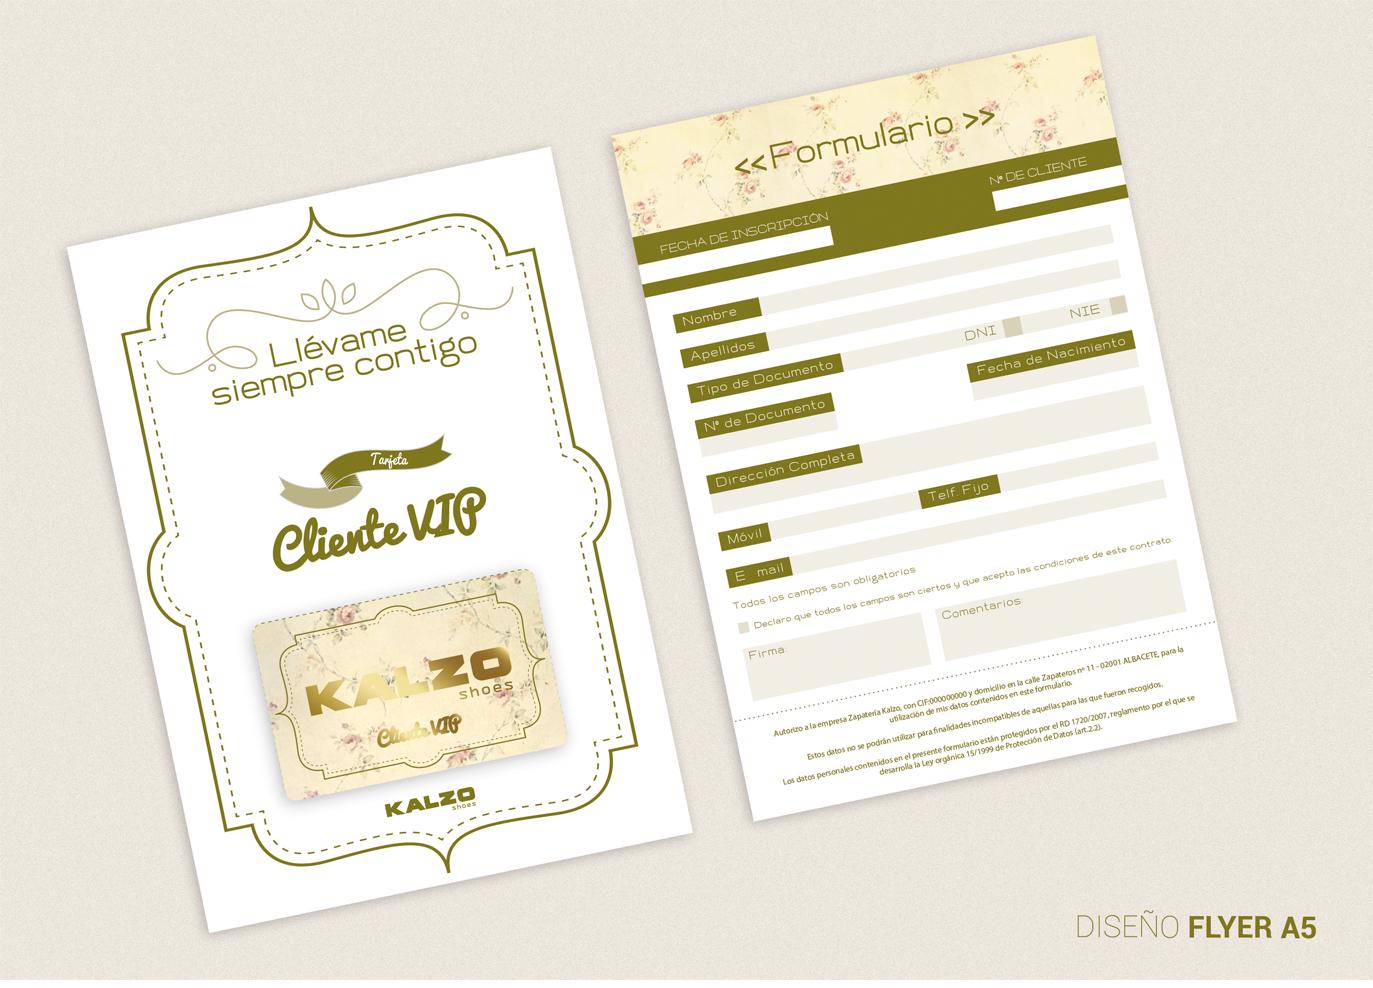 Diseño gráfico, diseño grafico Albacete, diseño de formulario, formularios para tarjetas pvc de zapaterías Kalzo